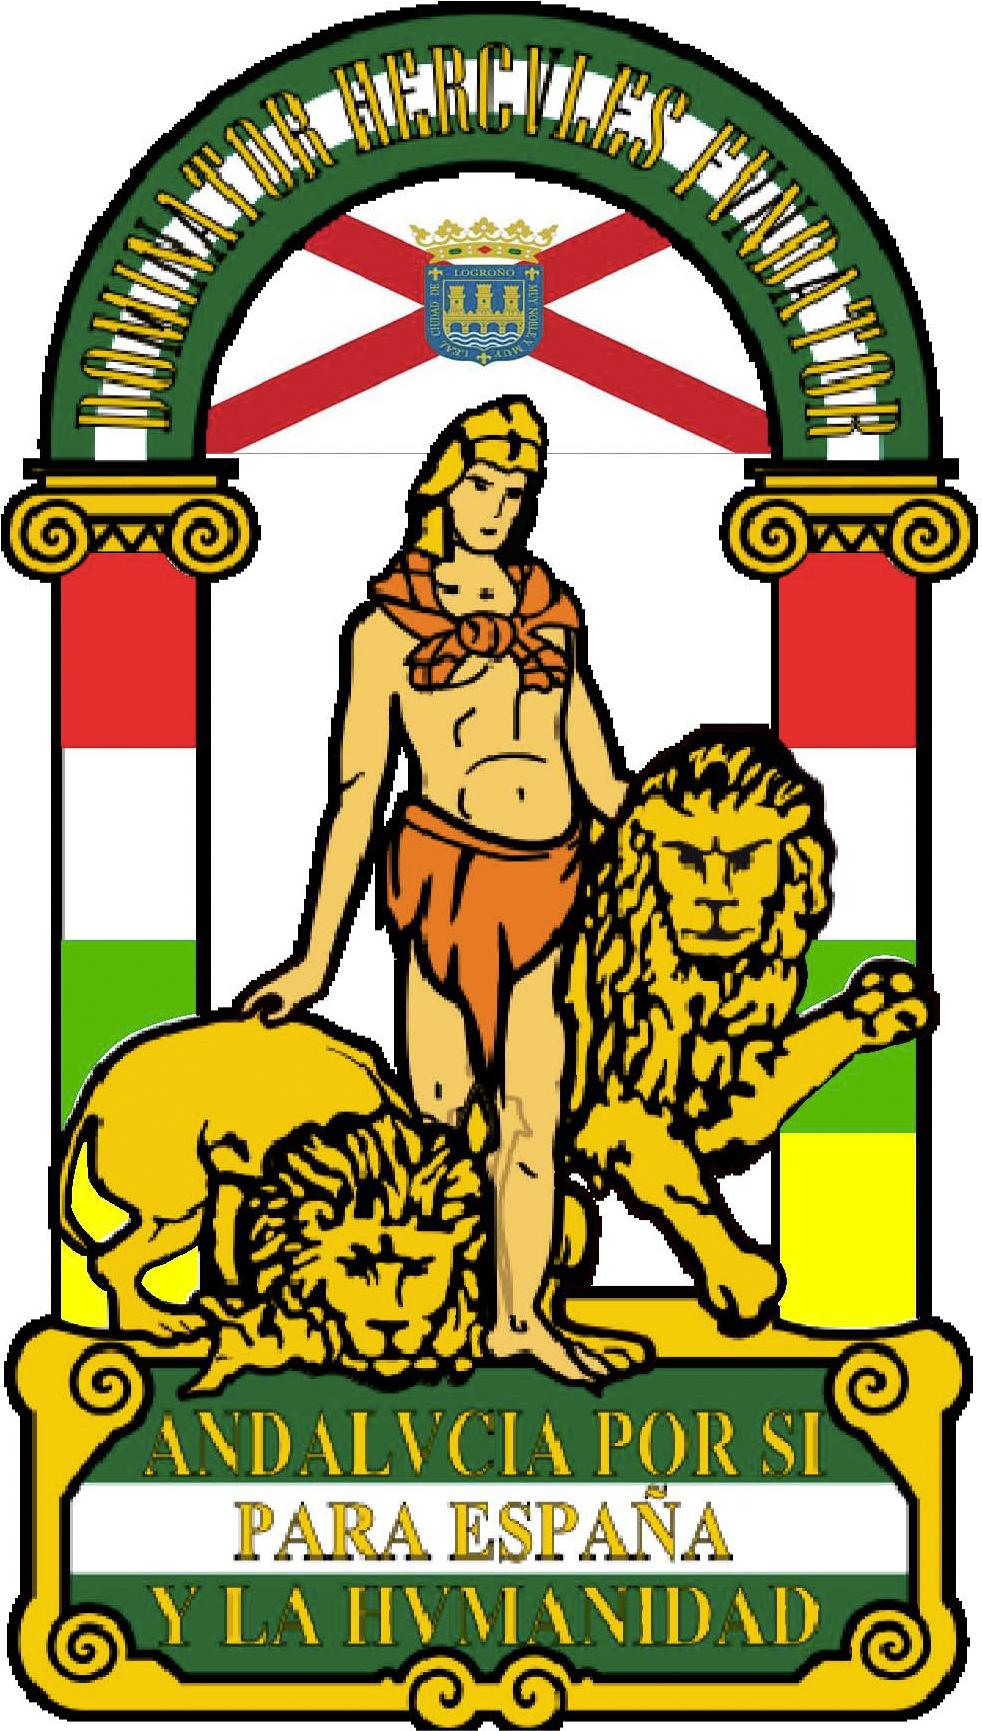 Casa de Andalucía en Logroño